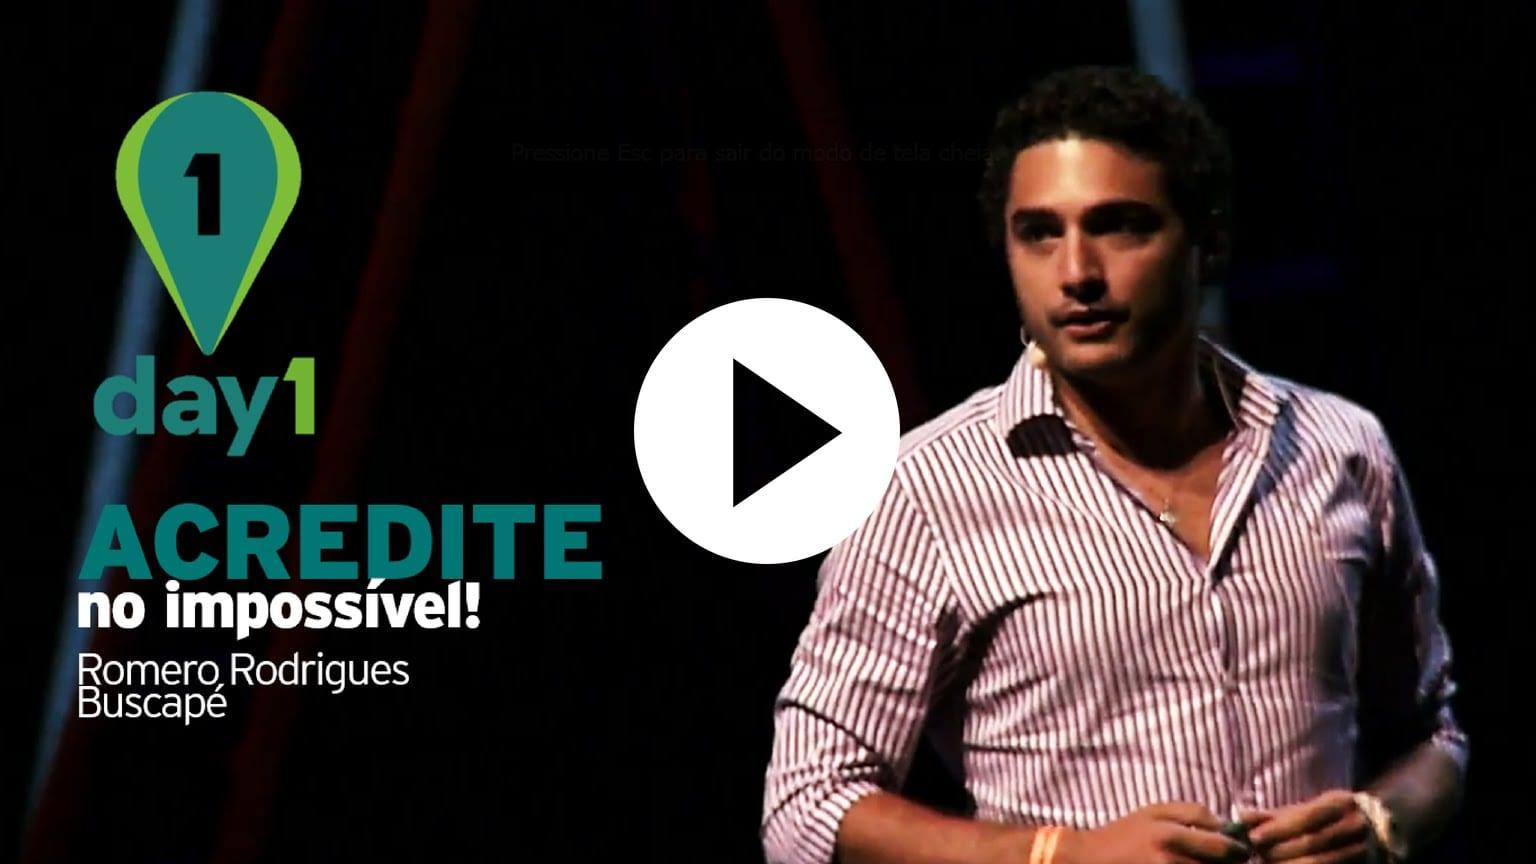 Acredite no impossível: Romero Rodrigues, fundador do Buscapé [Day1] – Versão Compacta